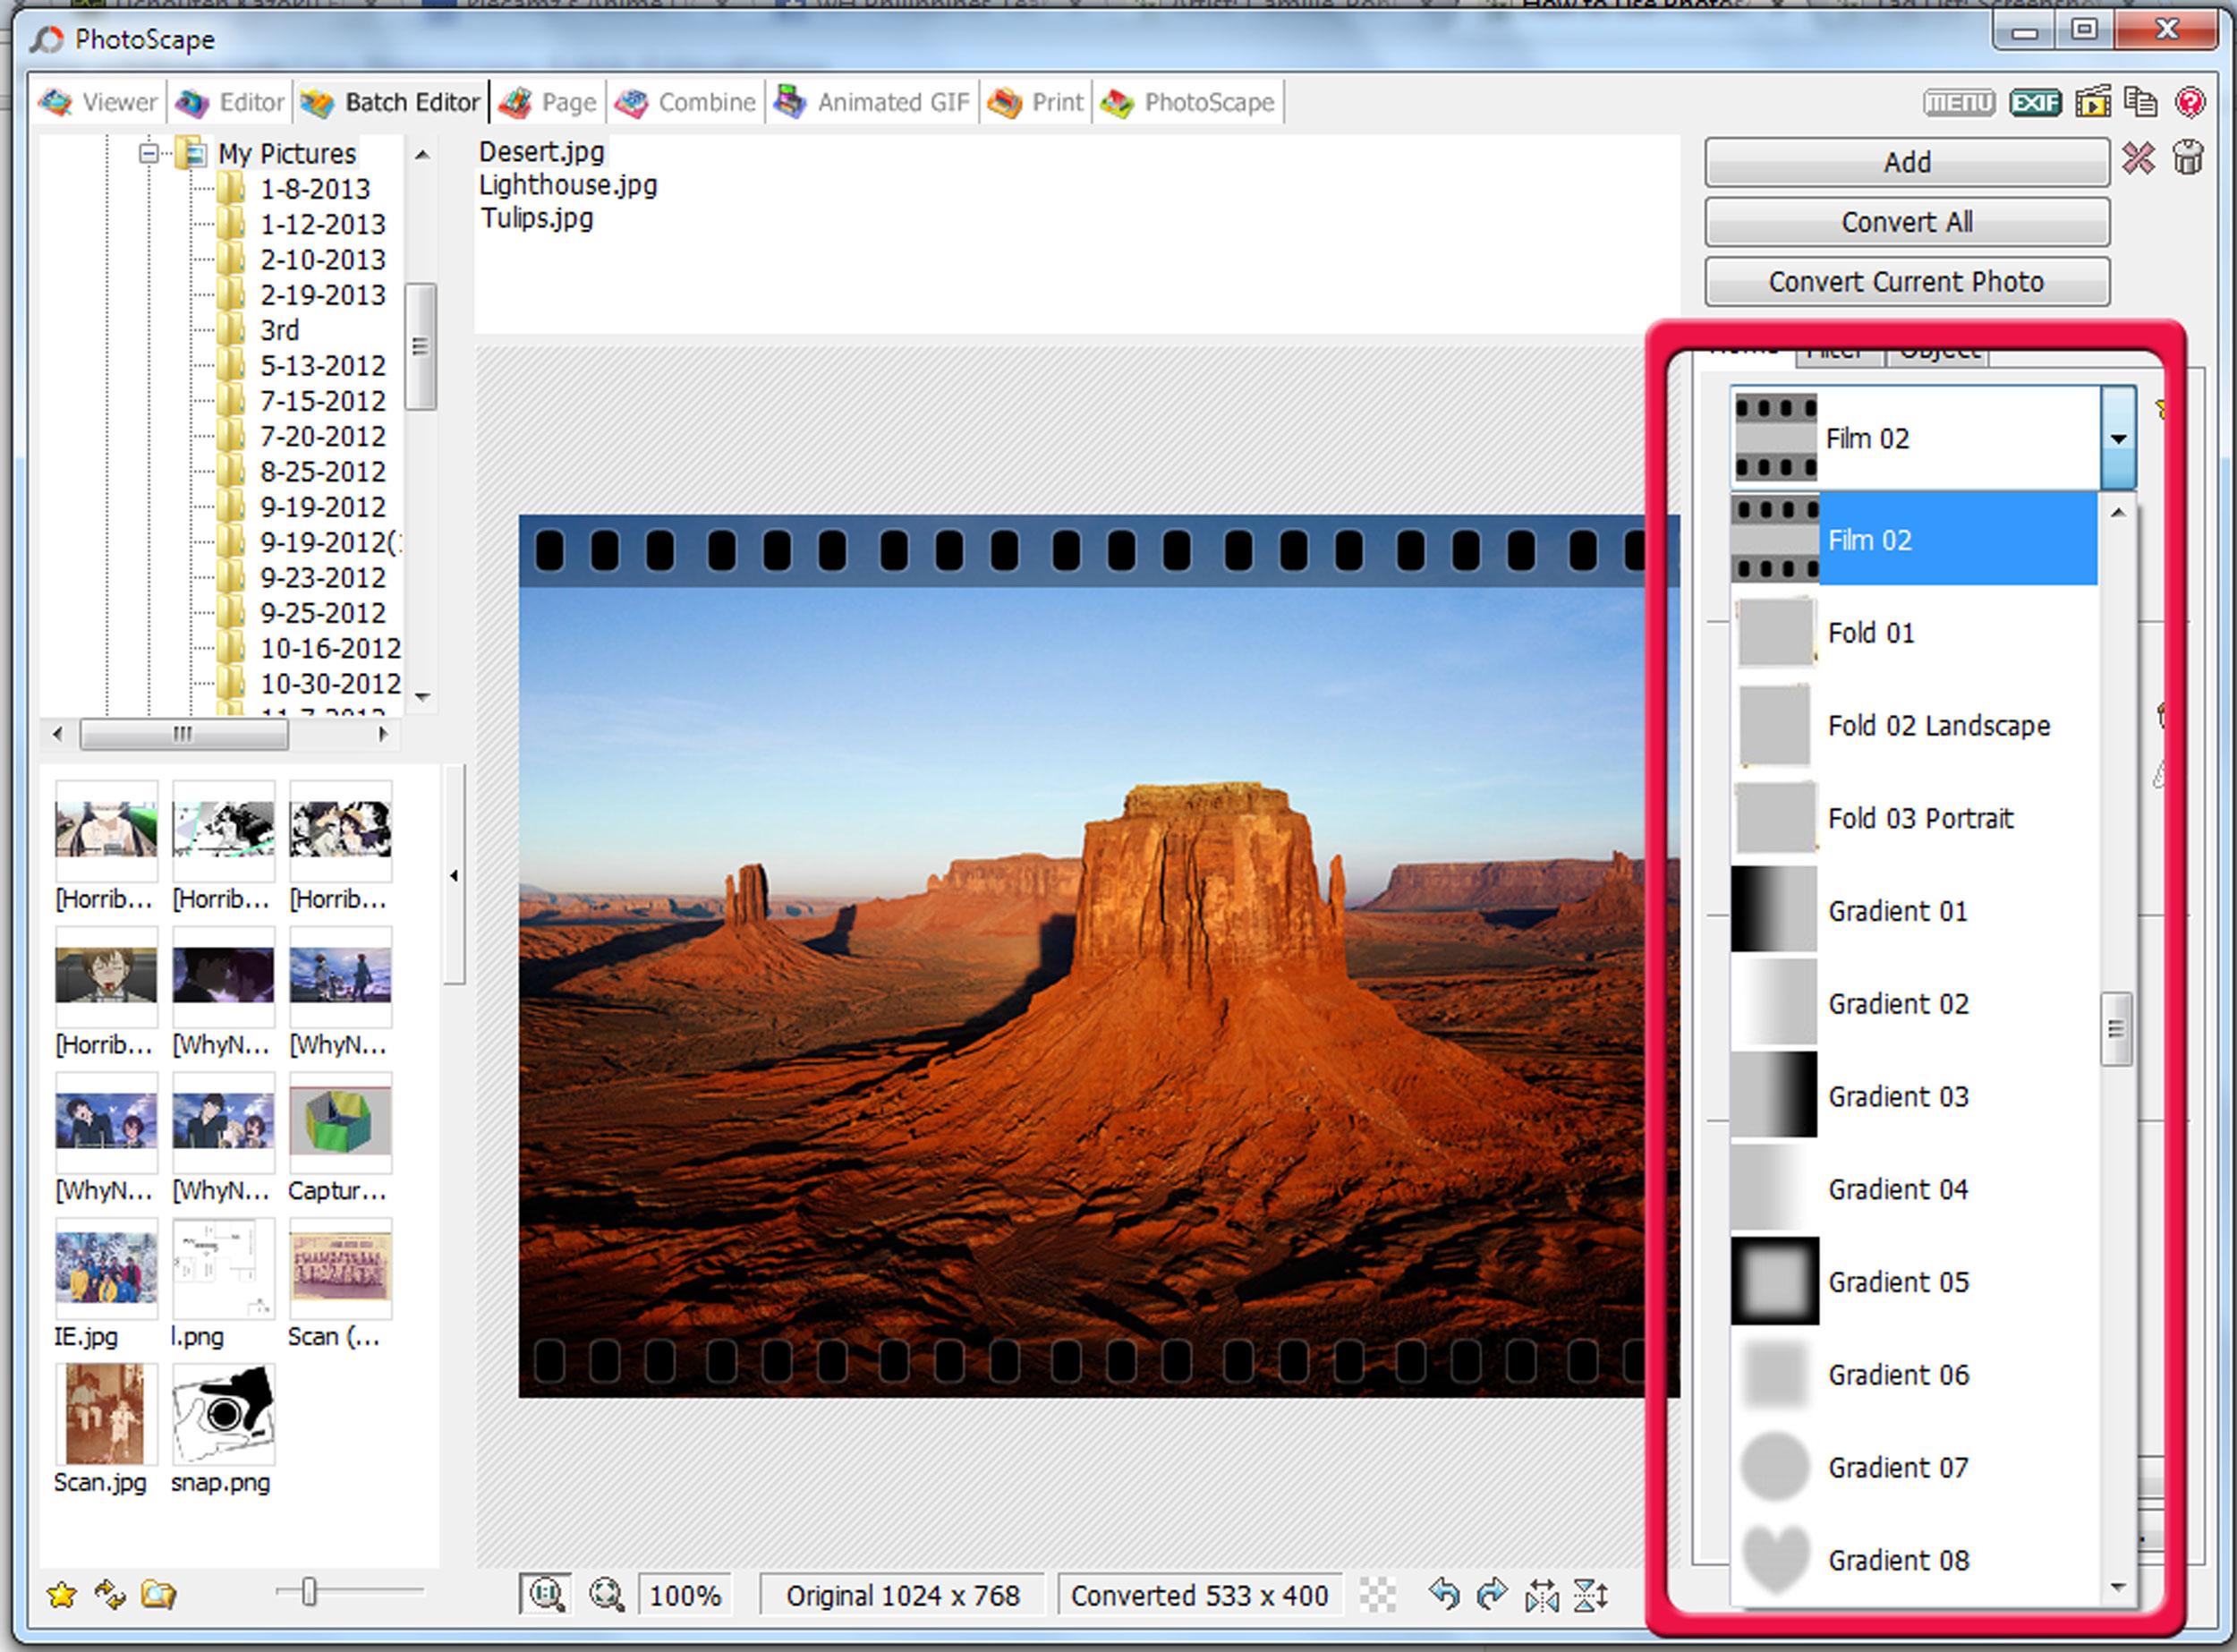 برنامج الكتابة على الصور بشكل مزخرف للكمبيوتر